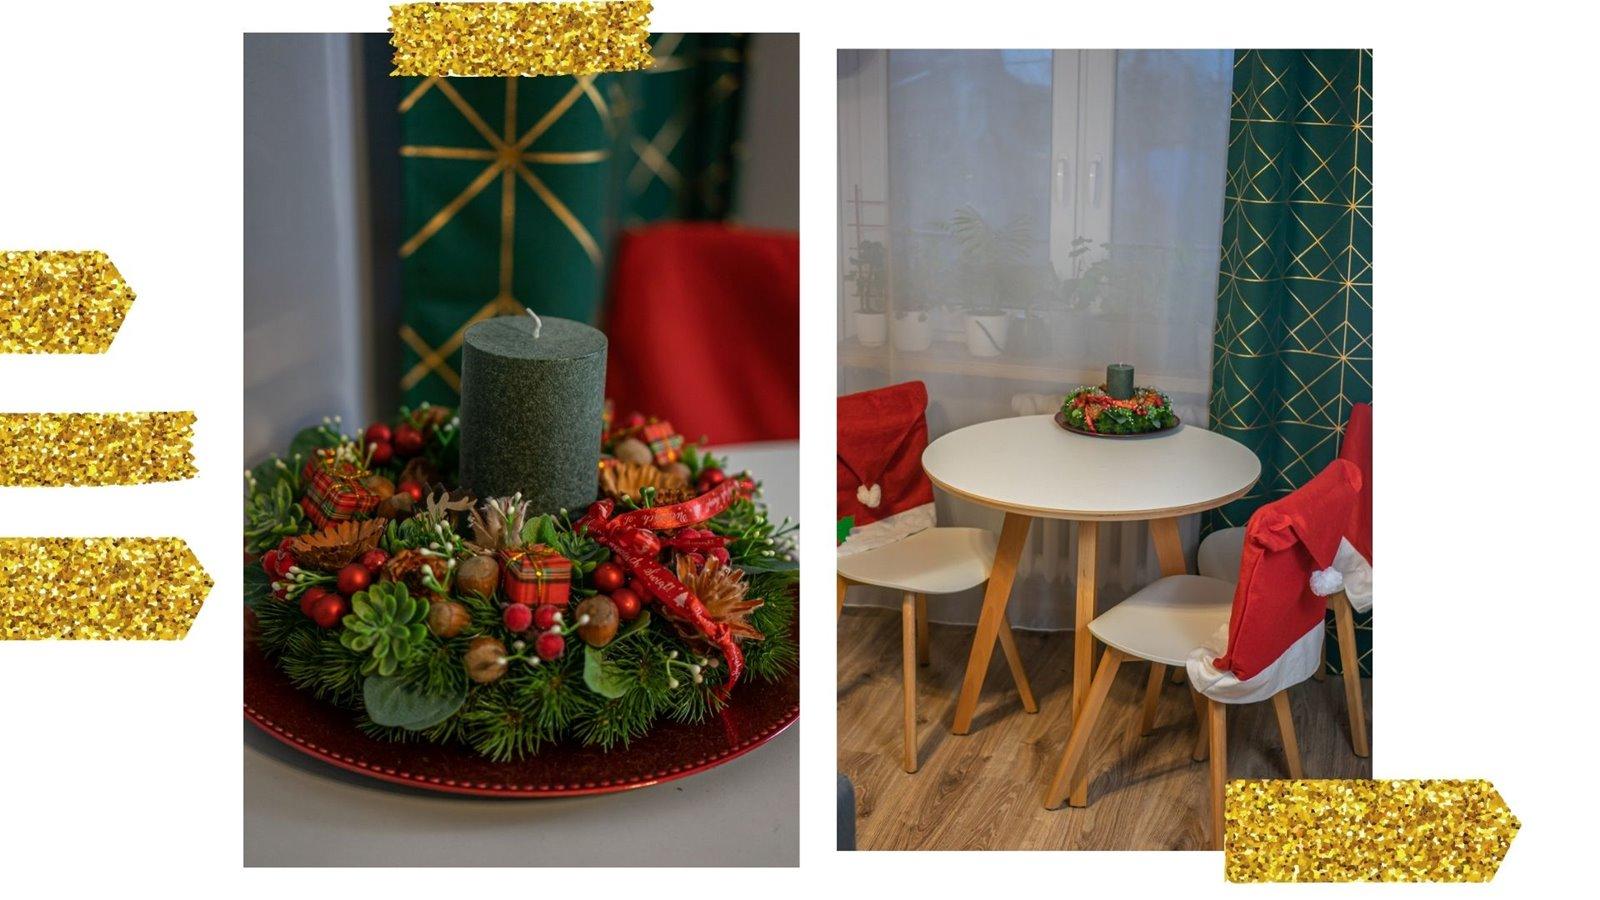 10 dekoracje stołu świątecznego wienieć swiateczny swiece butelkowo zielone zasłony ze słotym geometrycznym motywem pokrowce świąteczne czapki na krzesła do jadalni